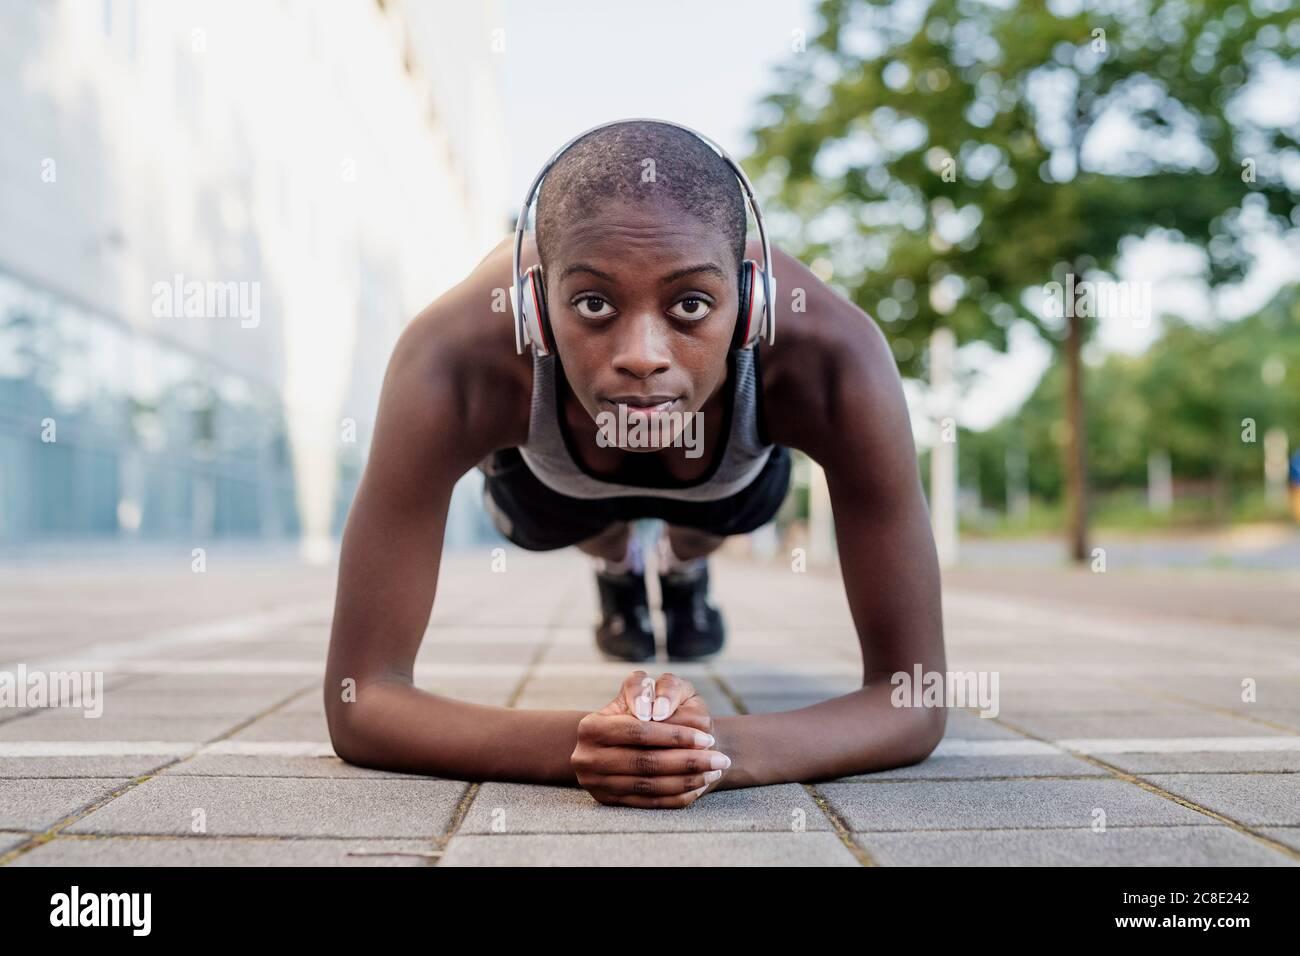 Mujer segura con cabeza afeitada escuchando música mientras hace tablones en el sendero Foto de stock